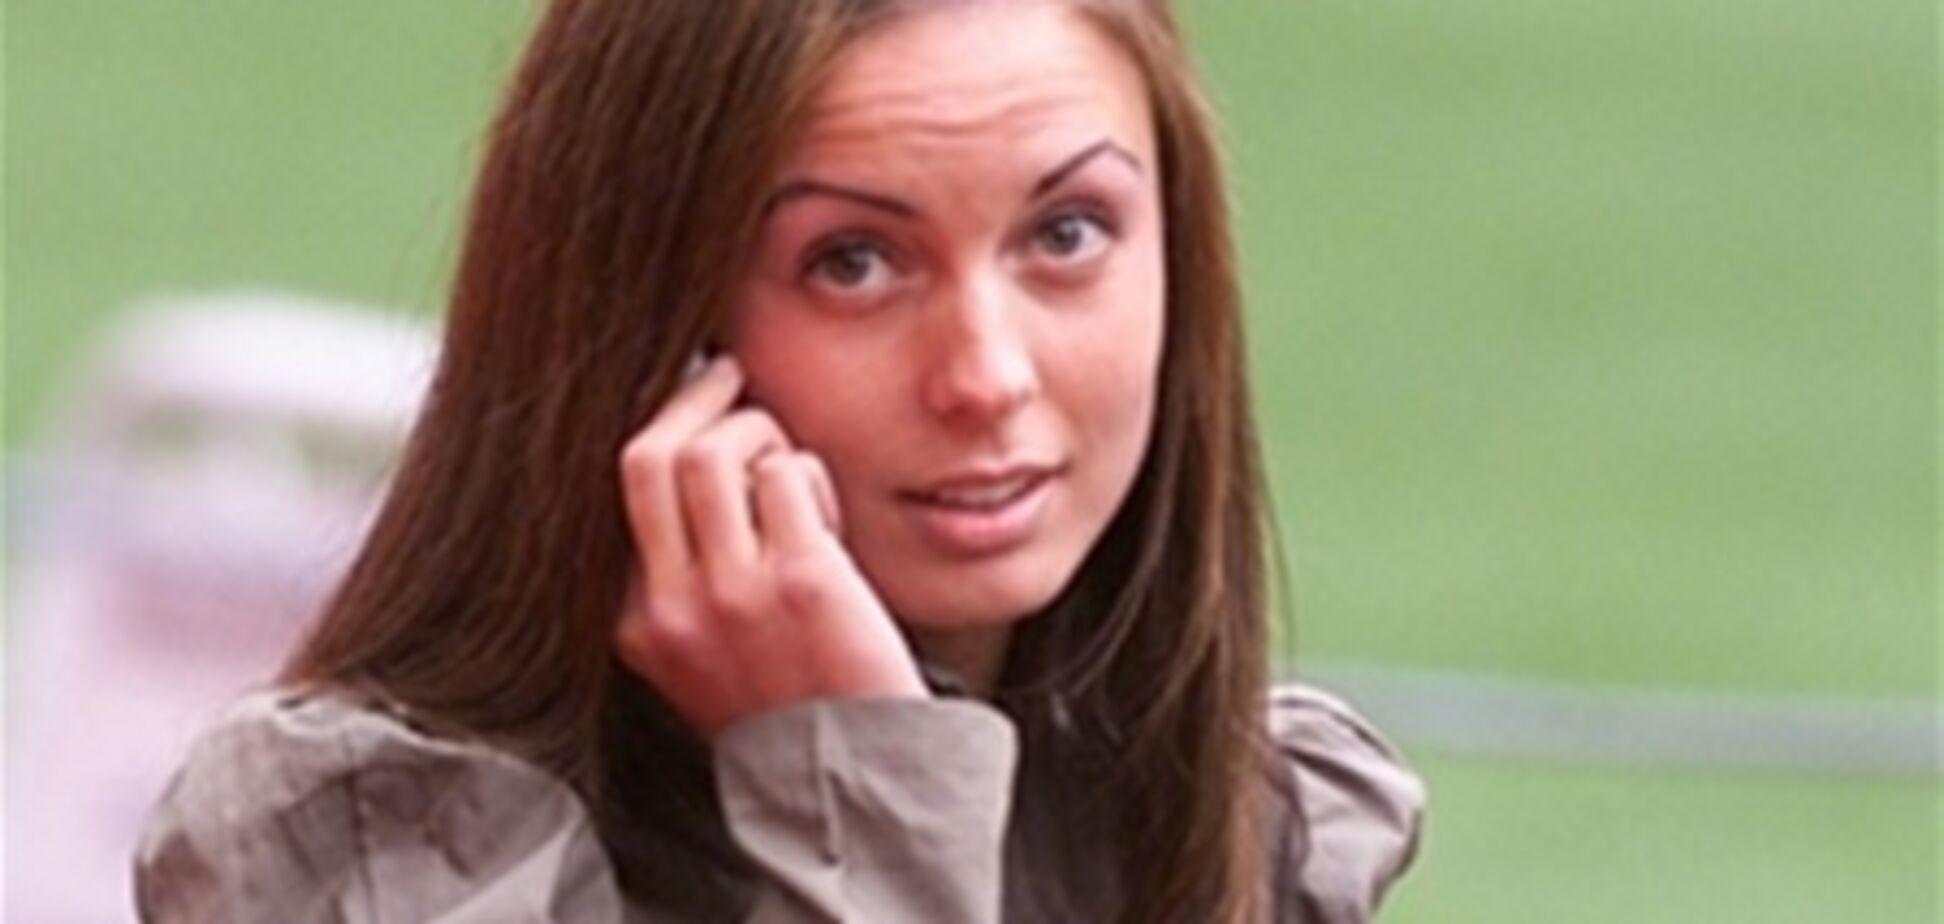 Звезда 'Манчестер Юнайтед' изменял своей жене с десятком моделей